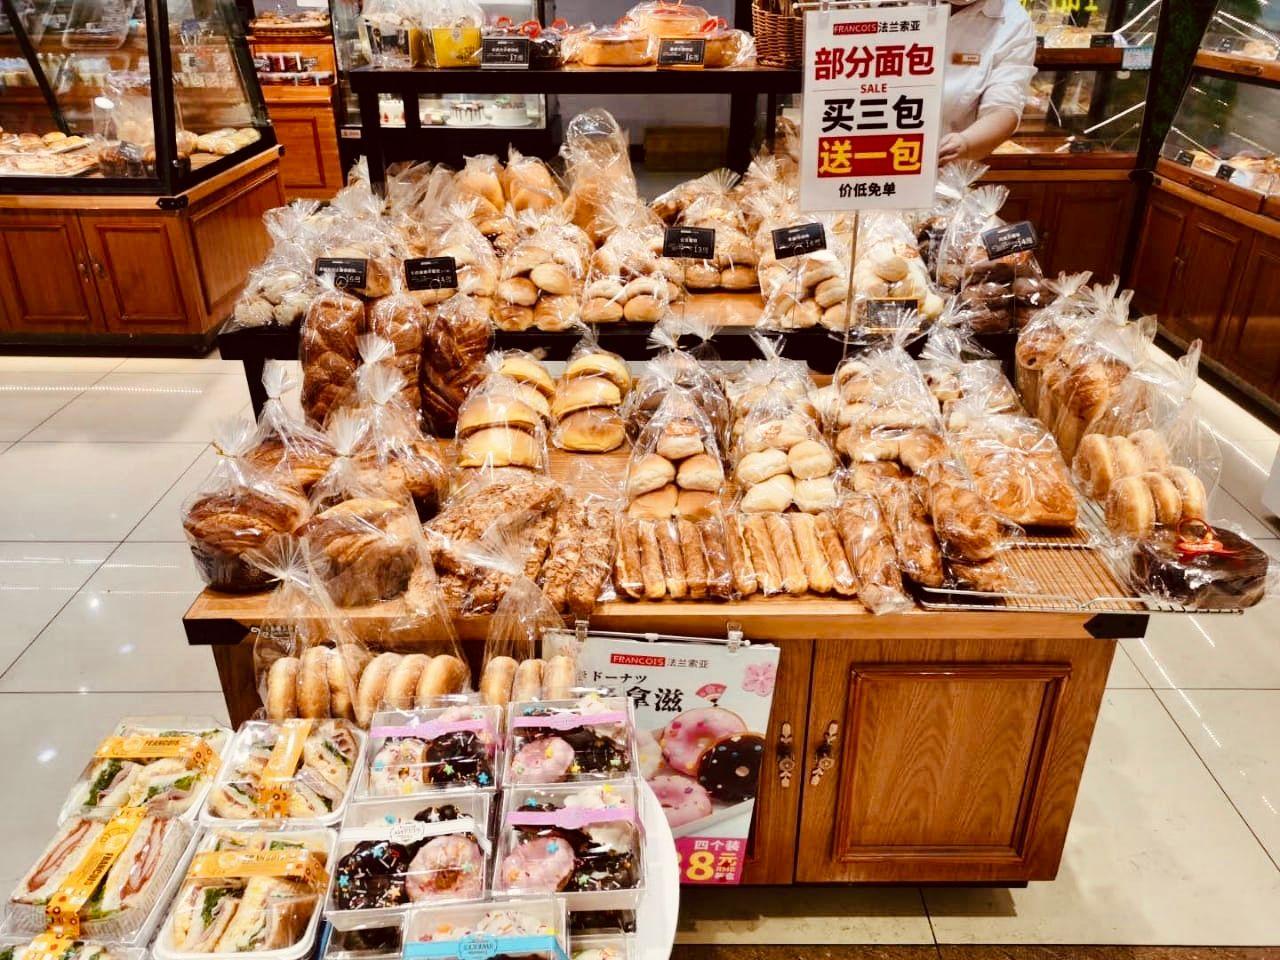 Deste outro lado do mundo, padaria, confeitarias são muito bem vindas. Pãozinho fresquinho, bolinho, biscoitos como aí, amigos do chá da tarde.